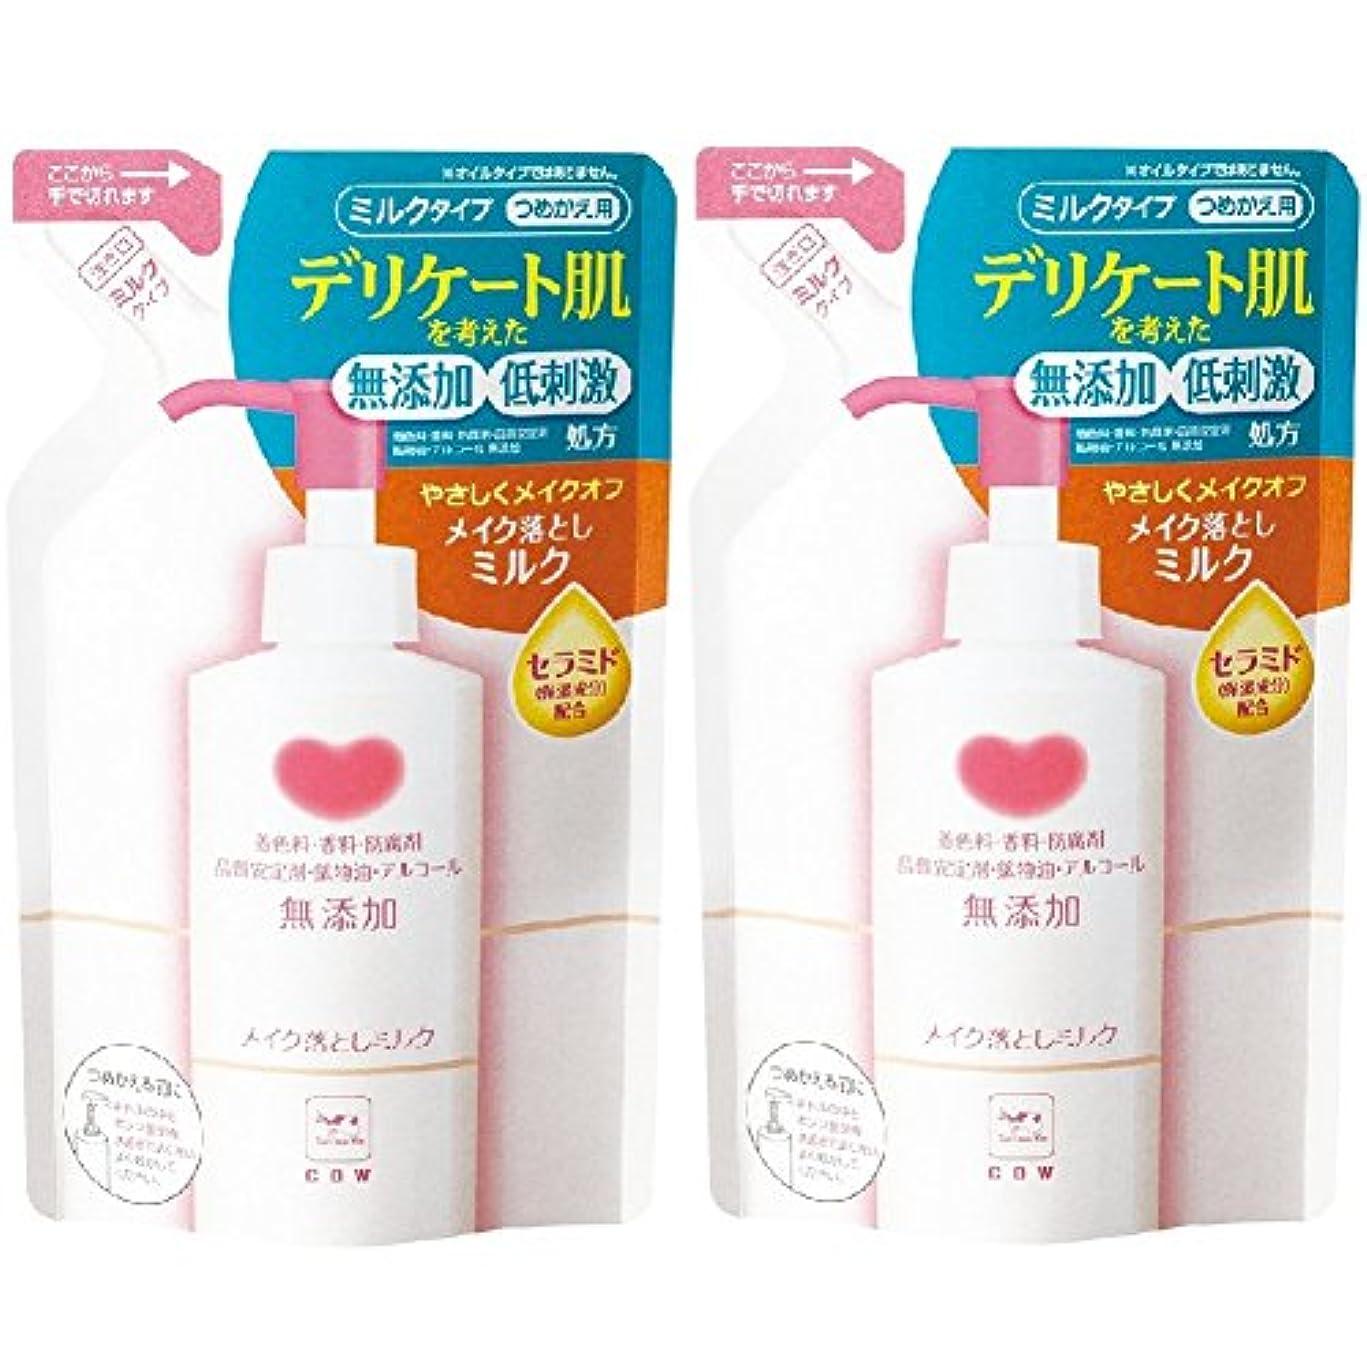 中央値シロクマナチュラカウブランド 無添加メイク落としミルク 詰替用 2個パック 130mL×2